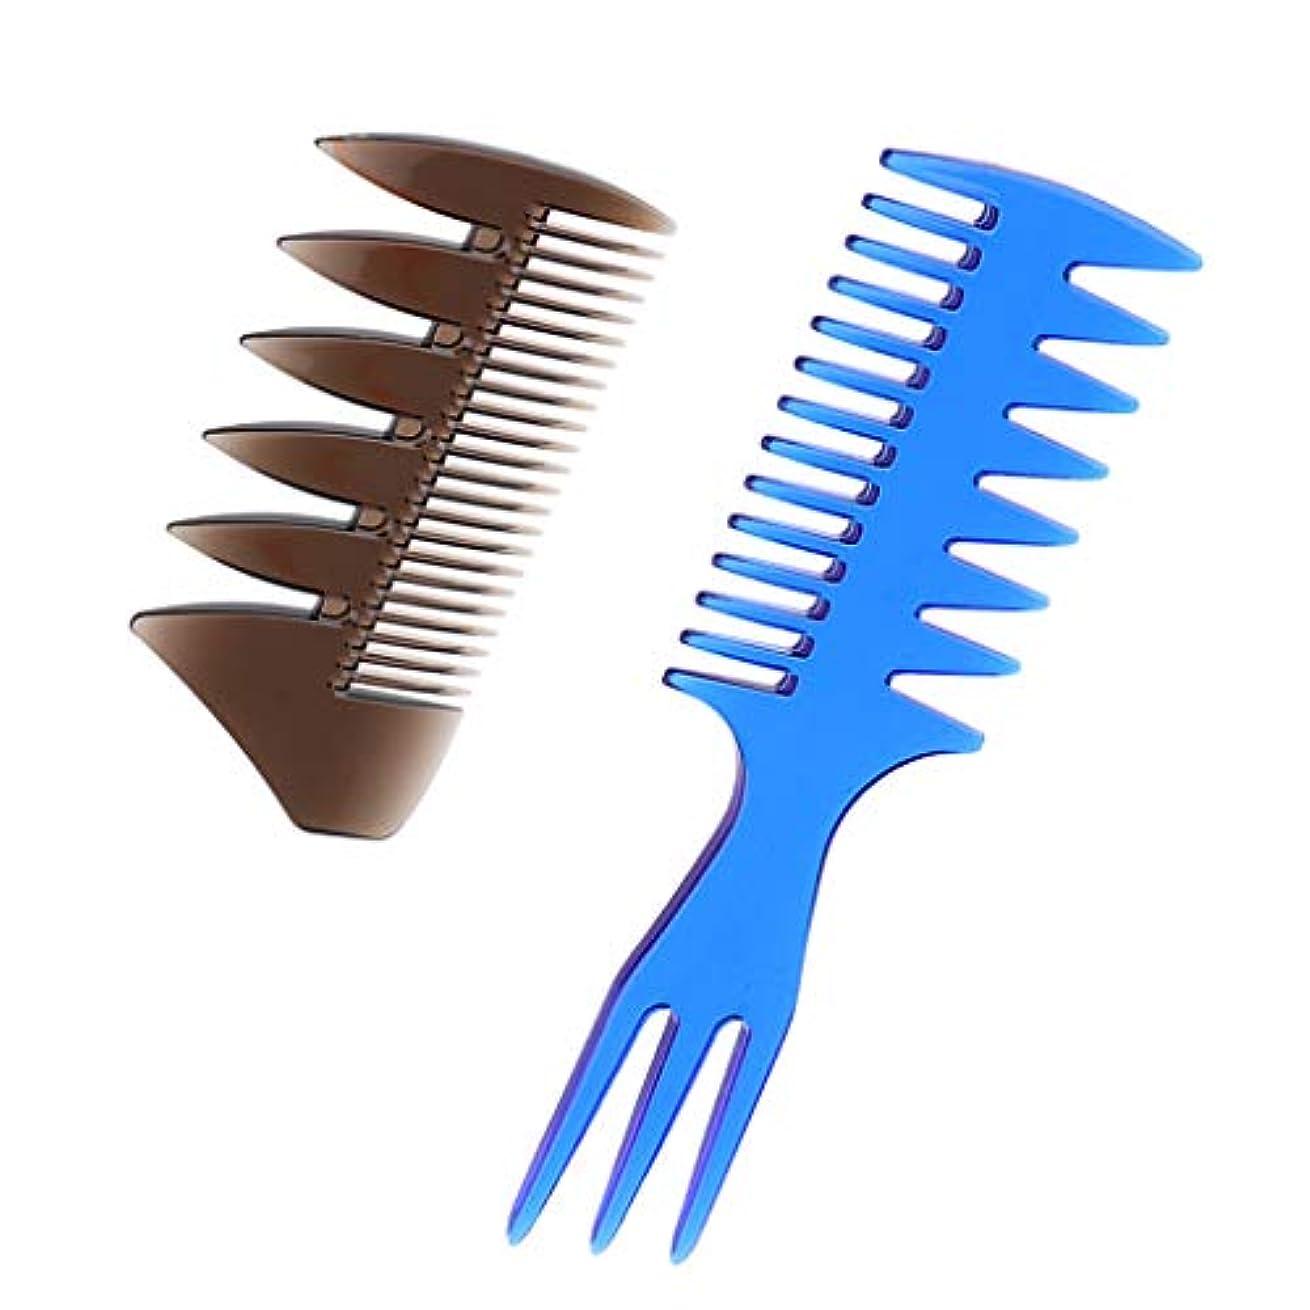 平和な風変わりな保険2本 広い歯櫛 コーム 3-in-1櫛 2-in-1櫛 多目的 ヘアサロン 美容師